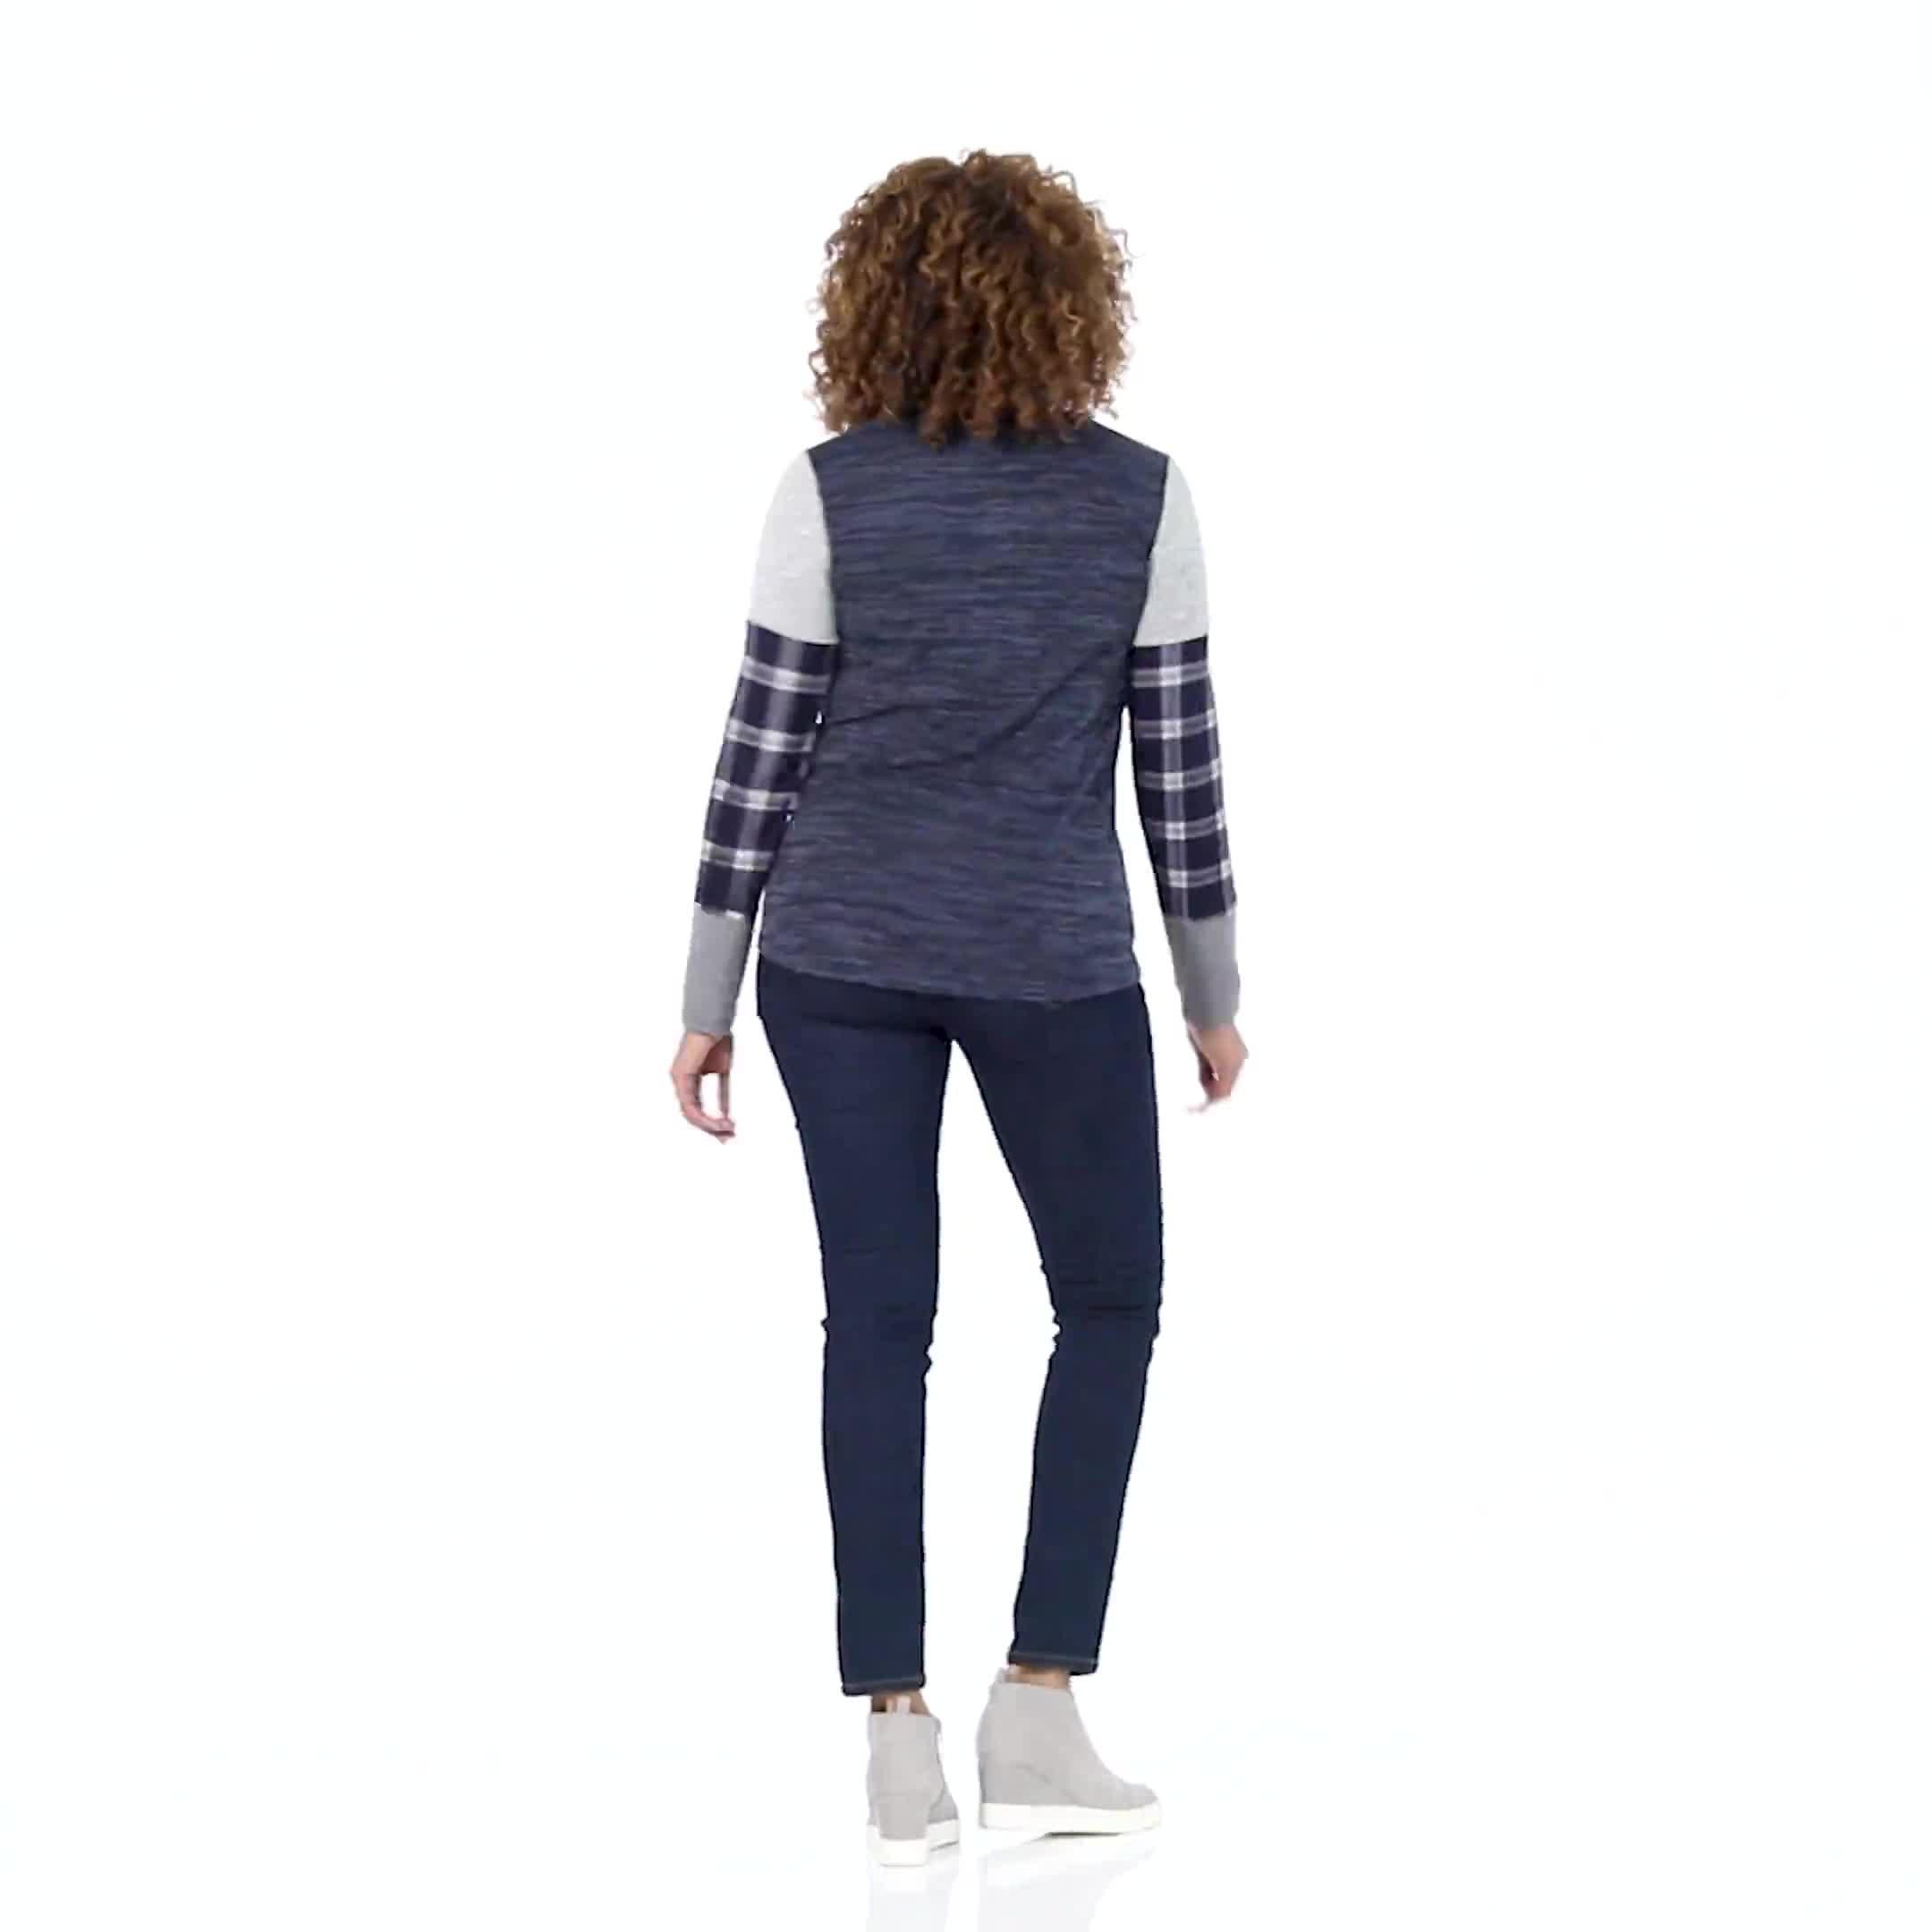 Westport Plaid Cuff Hacci Sweater Knit Top - Video